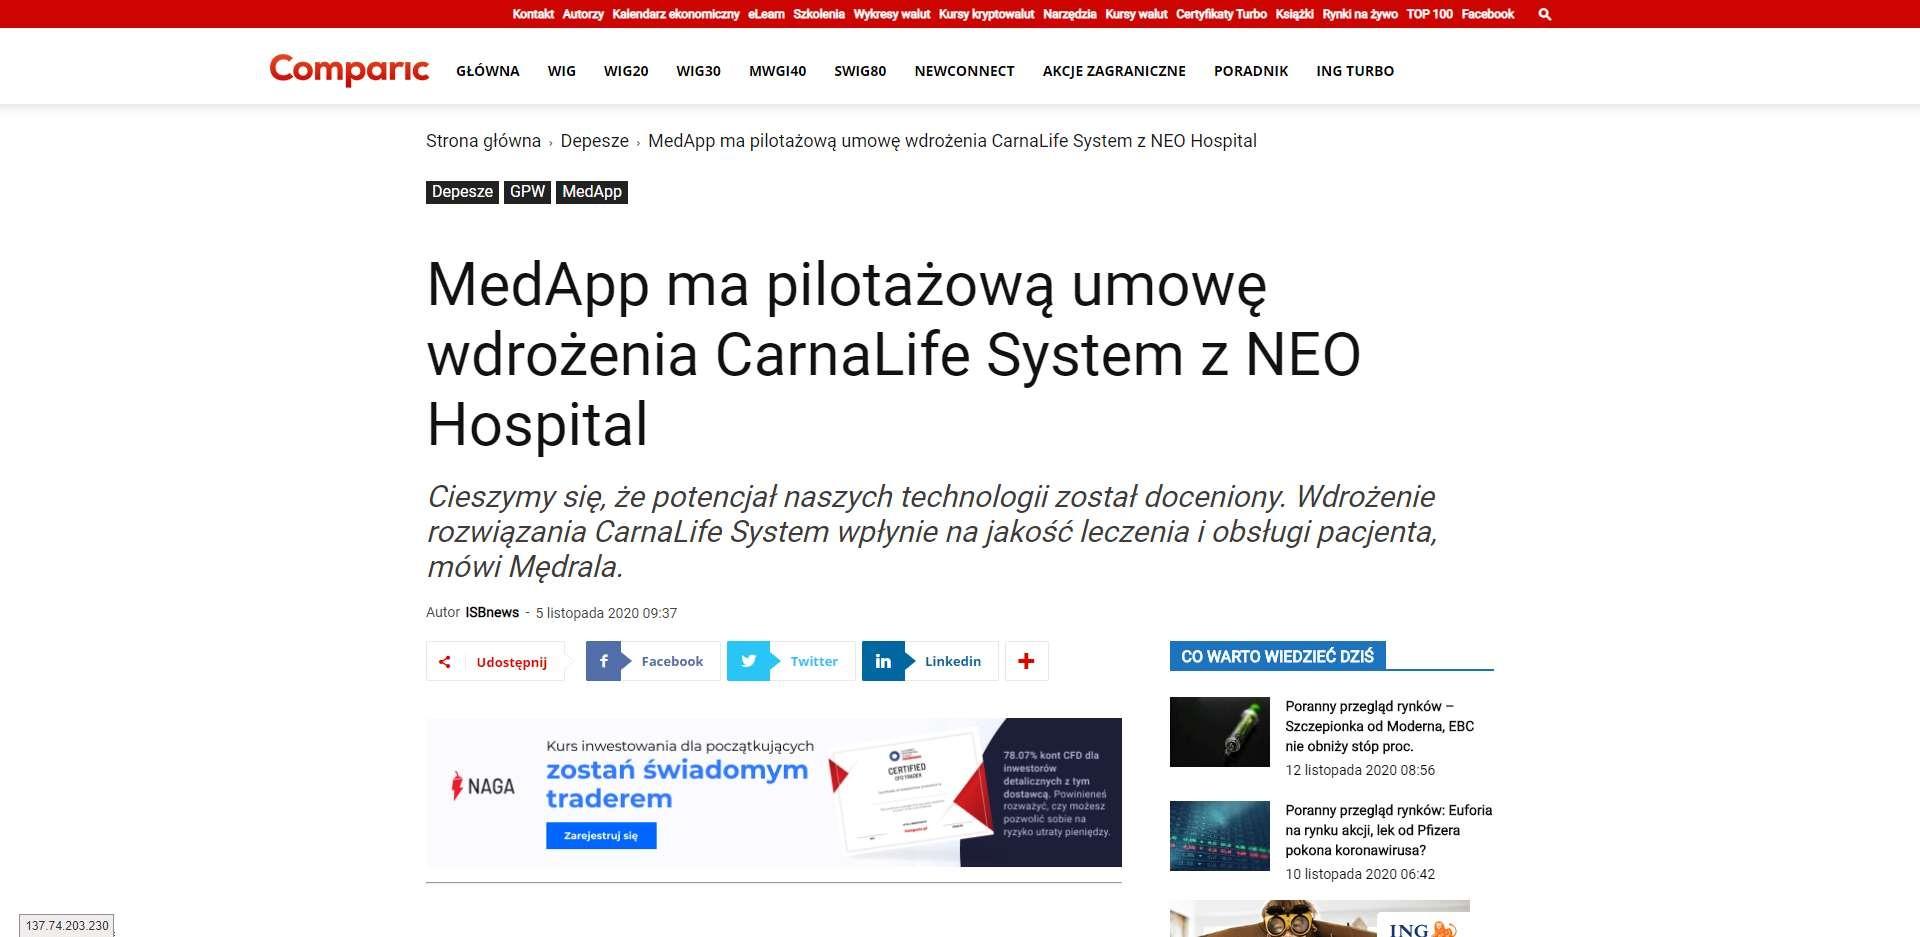 medapp ma pilotazowa umowe wdrozenia carnalife system z neo hospital